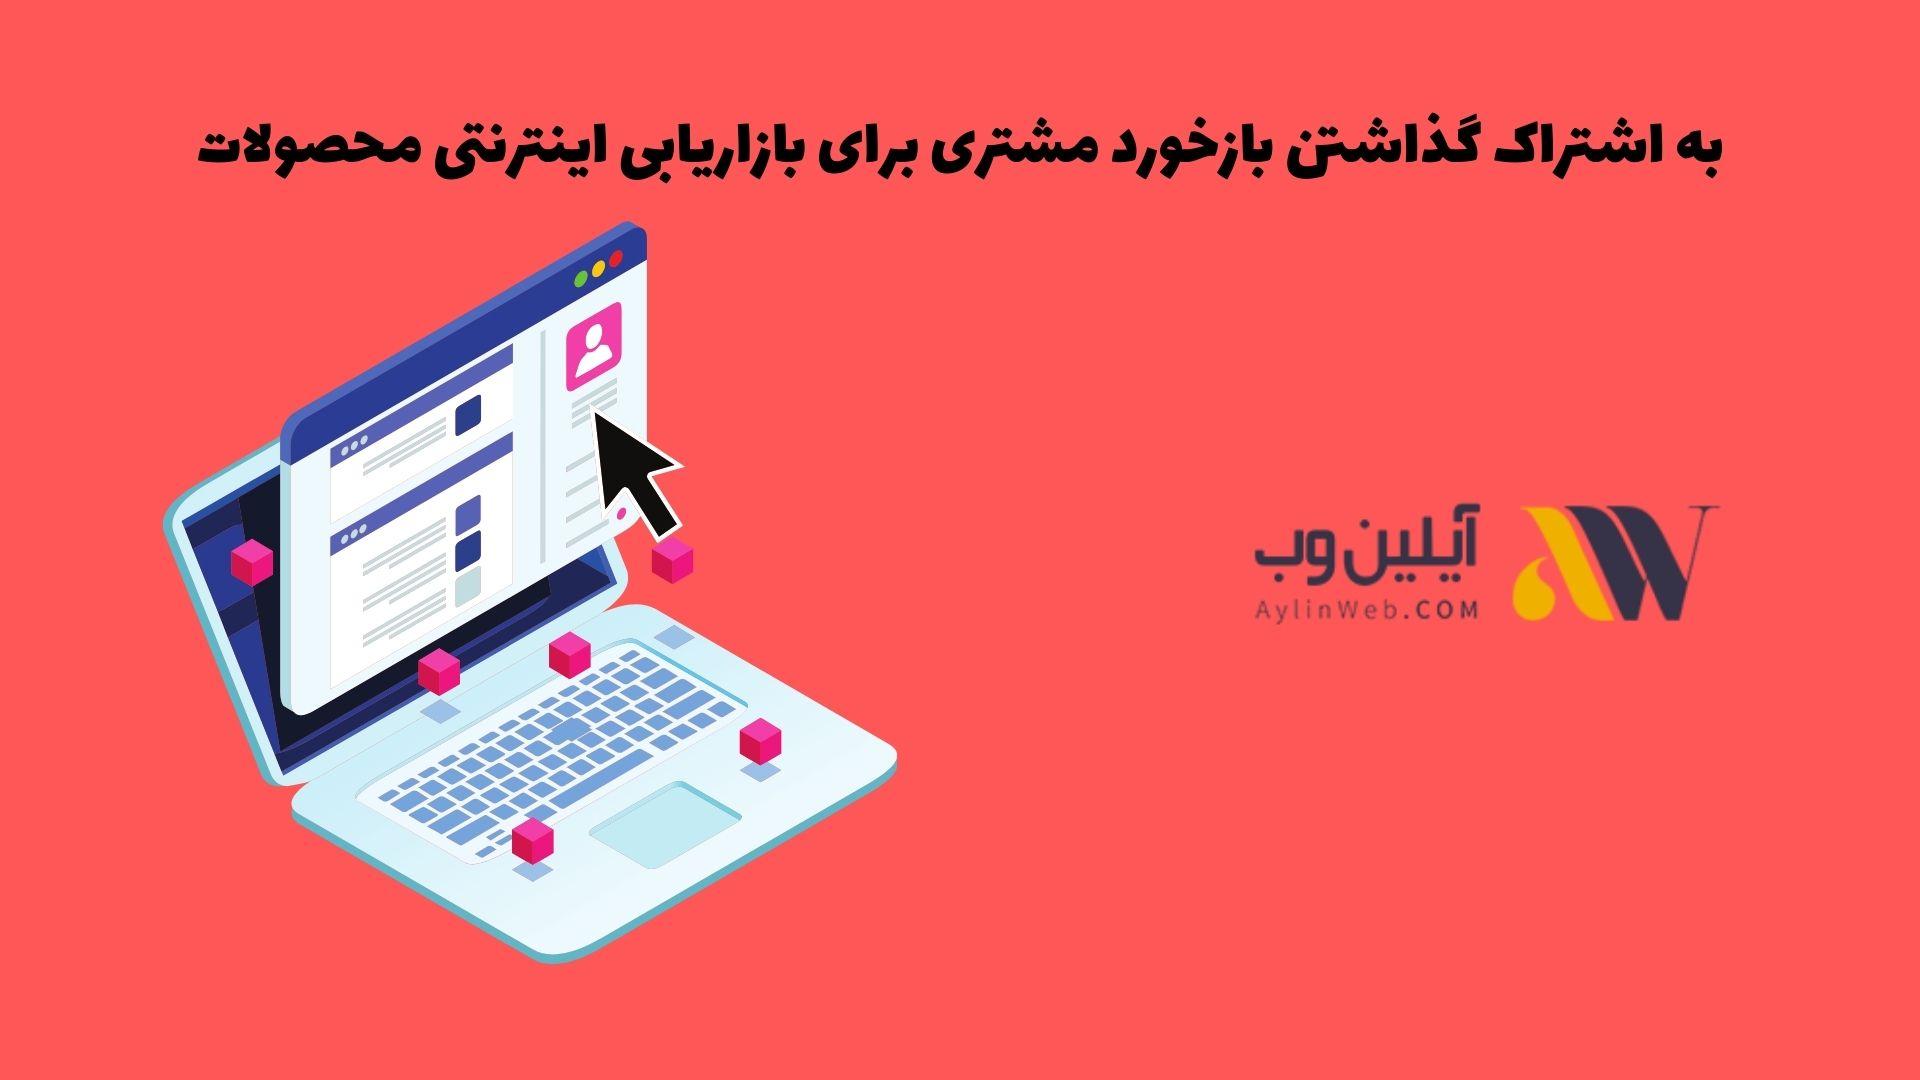 به اشتراک گذاشتن بازخورد مشتری برای بازاریابی اینترنتی محصولات